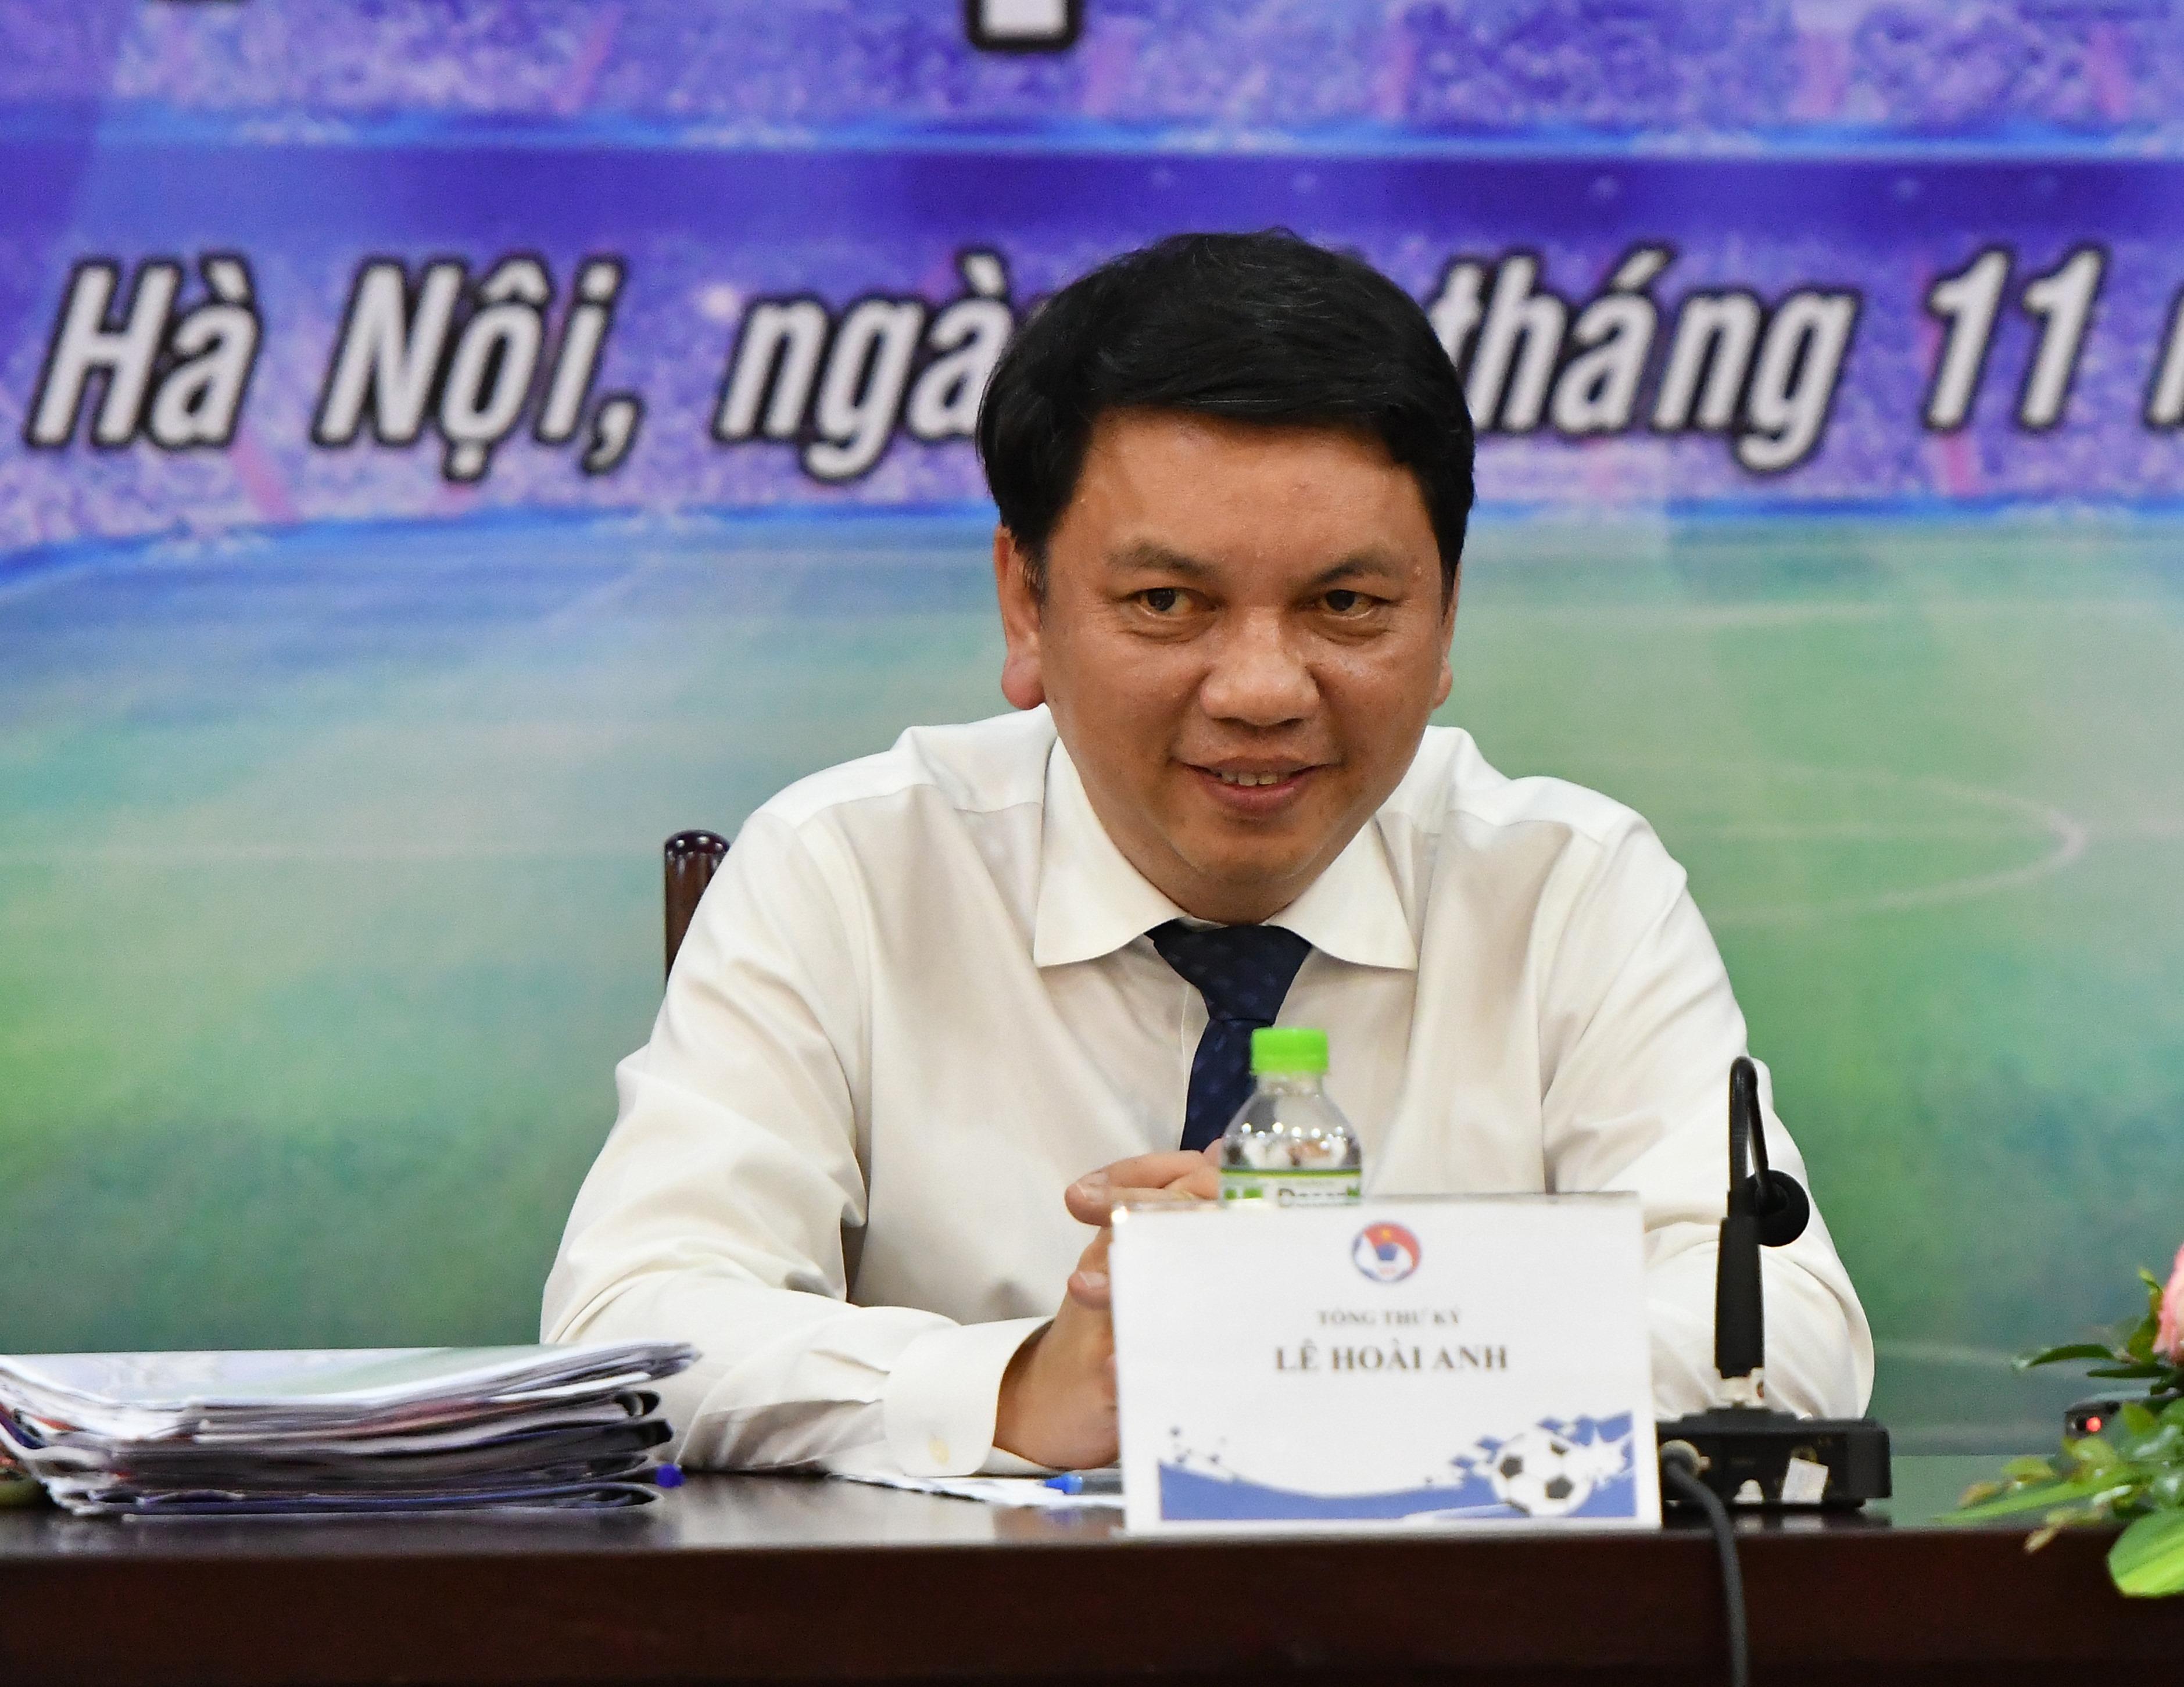 Đội tuyển Quốc gia Việt Nam sẽ có hai trận giao hữu trong năm nay